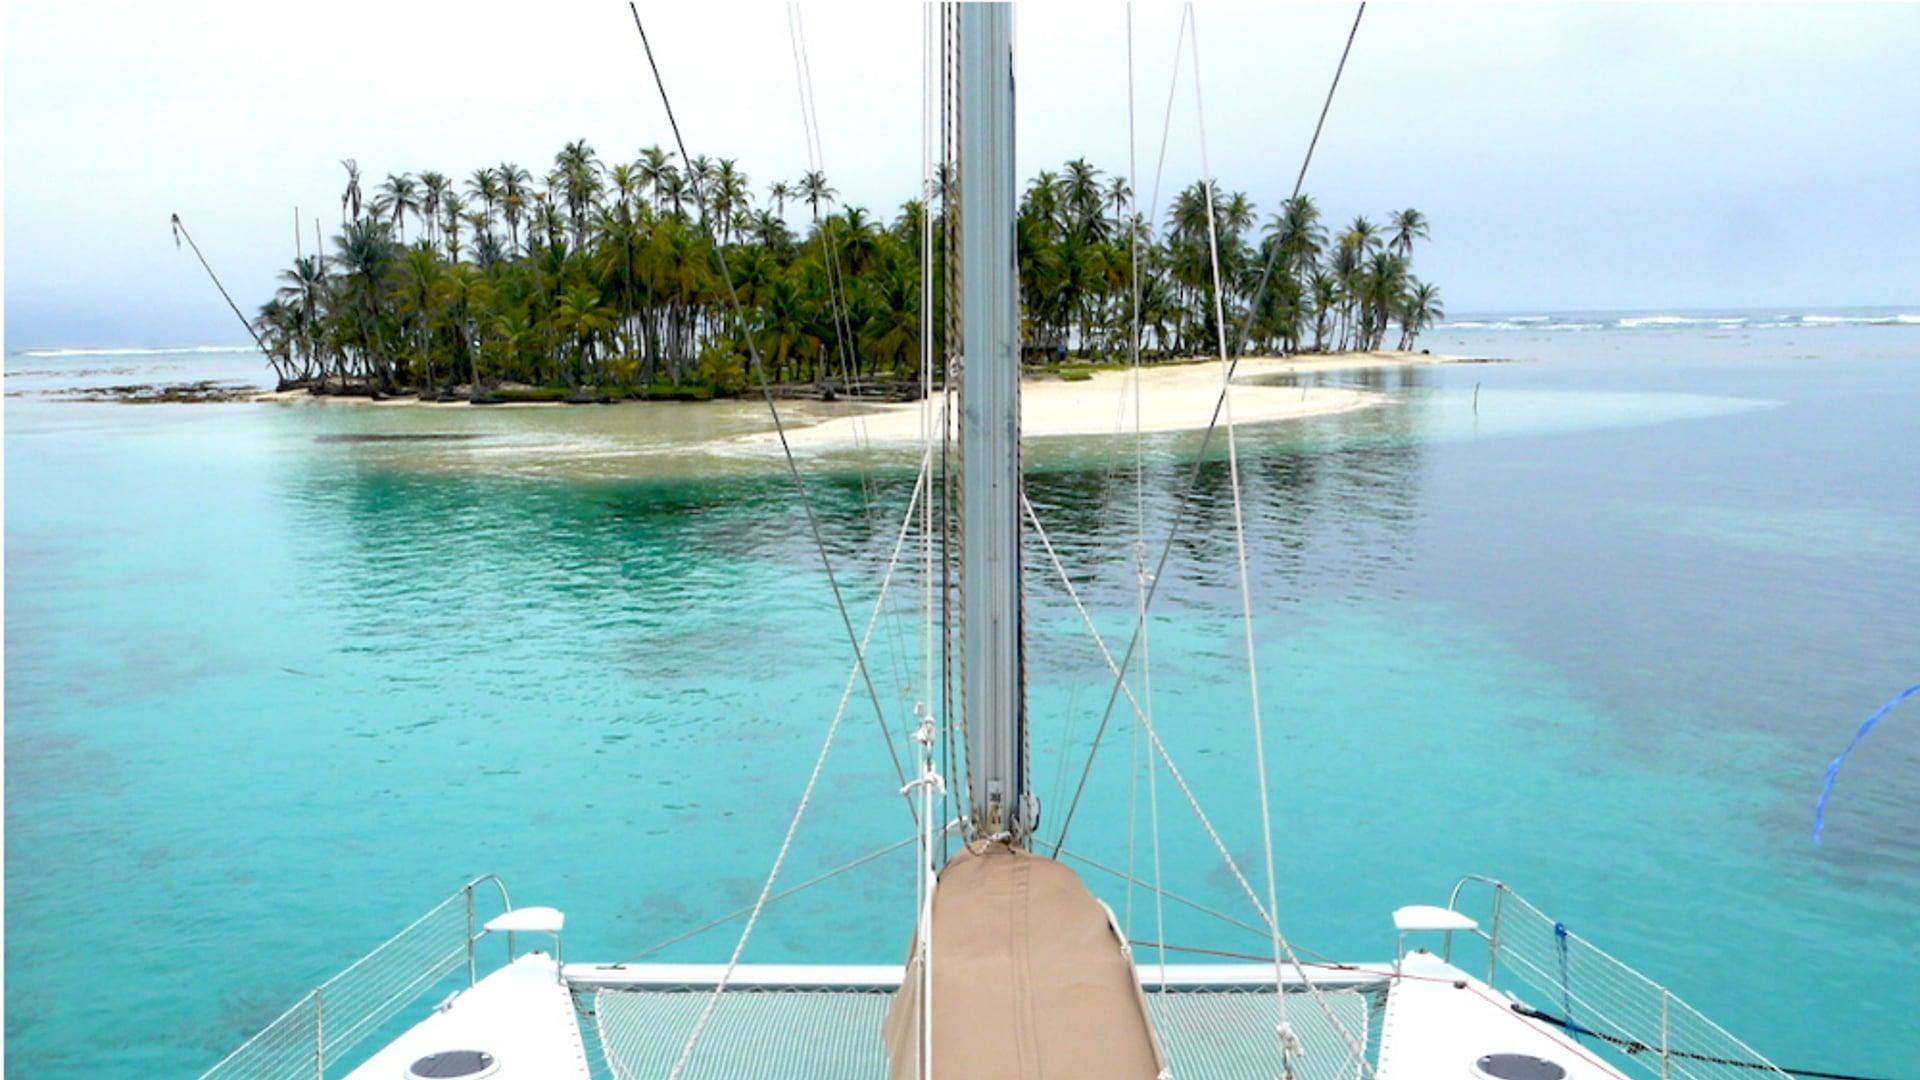 San Blas, el paraíso en catamarán | San Blas:  paradise on board our catamaran